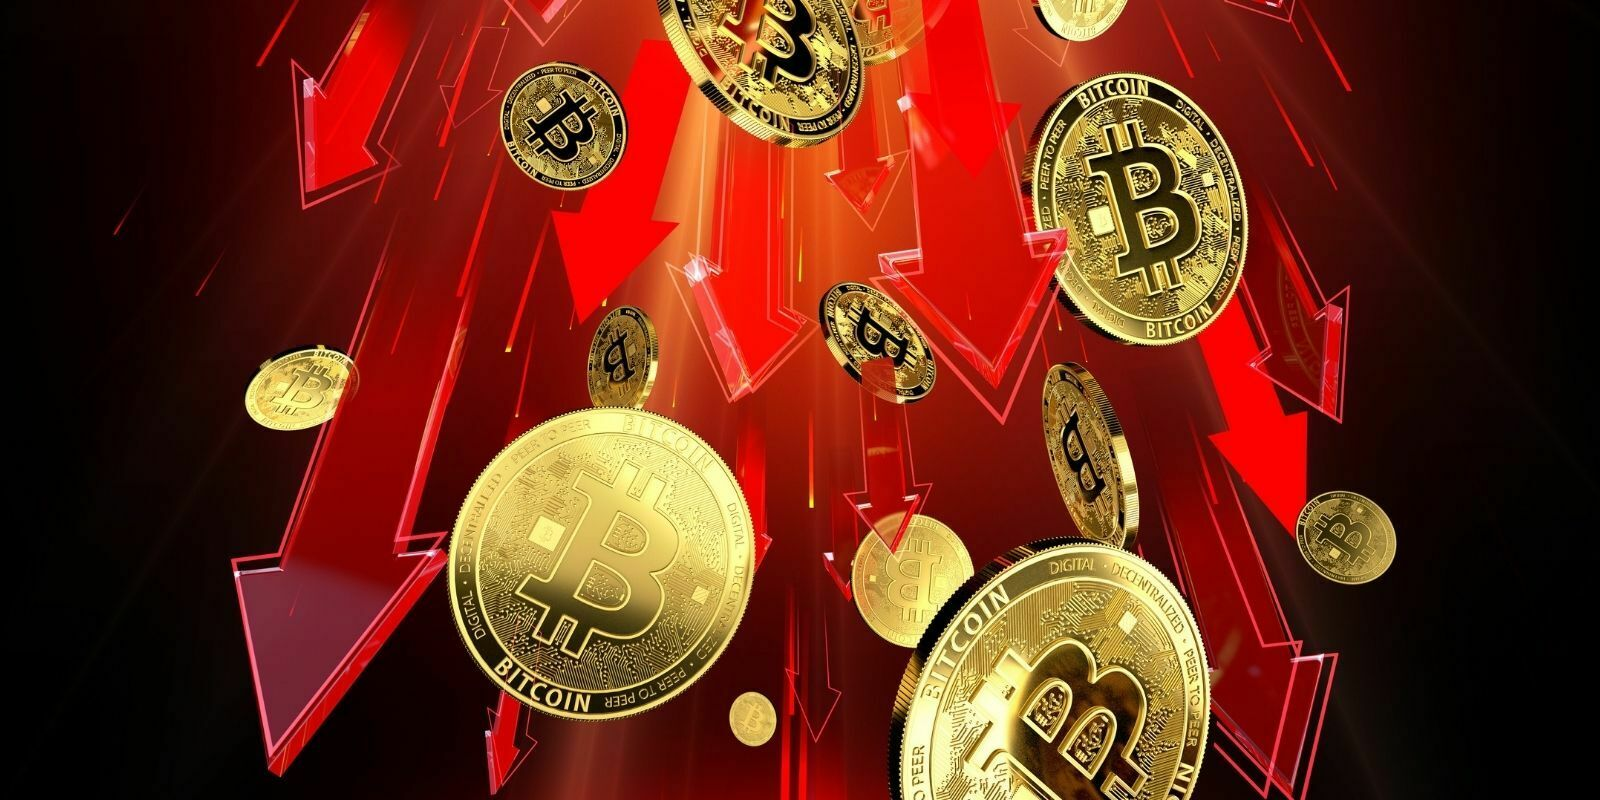 Le Bitcoin (BTC) plonge de 10% et liquide 5 milliards de dollars de position - Pourquoi cette chute brutale?